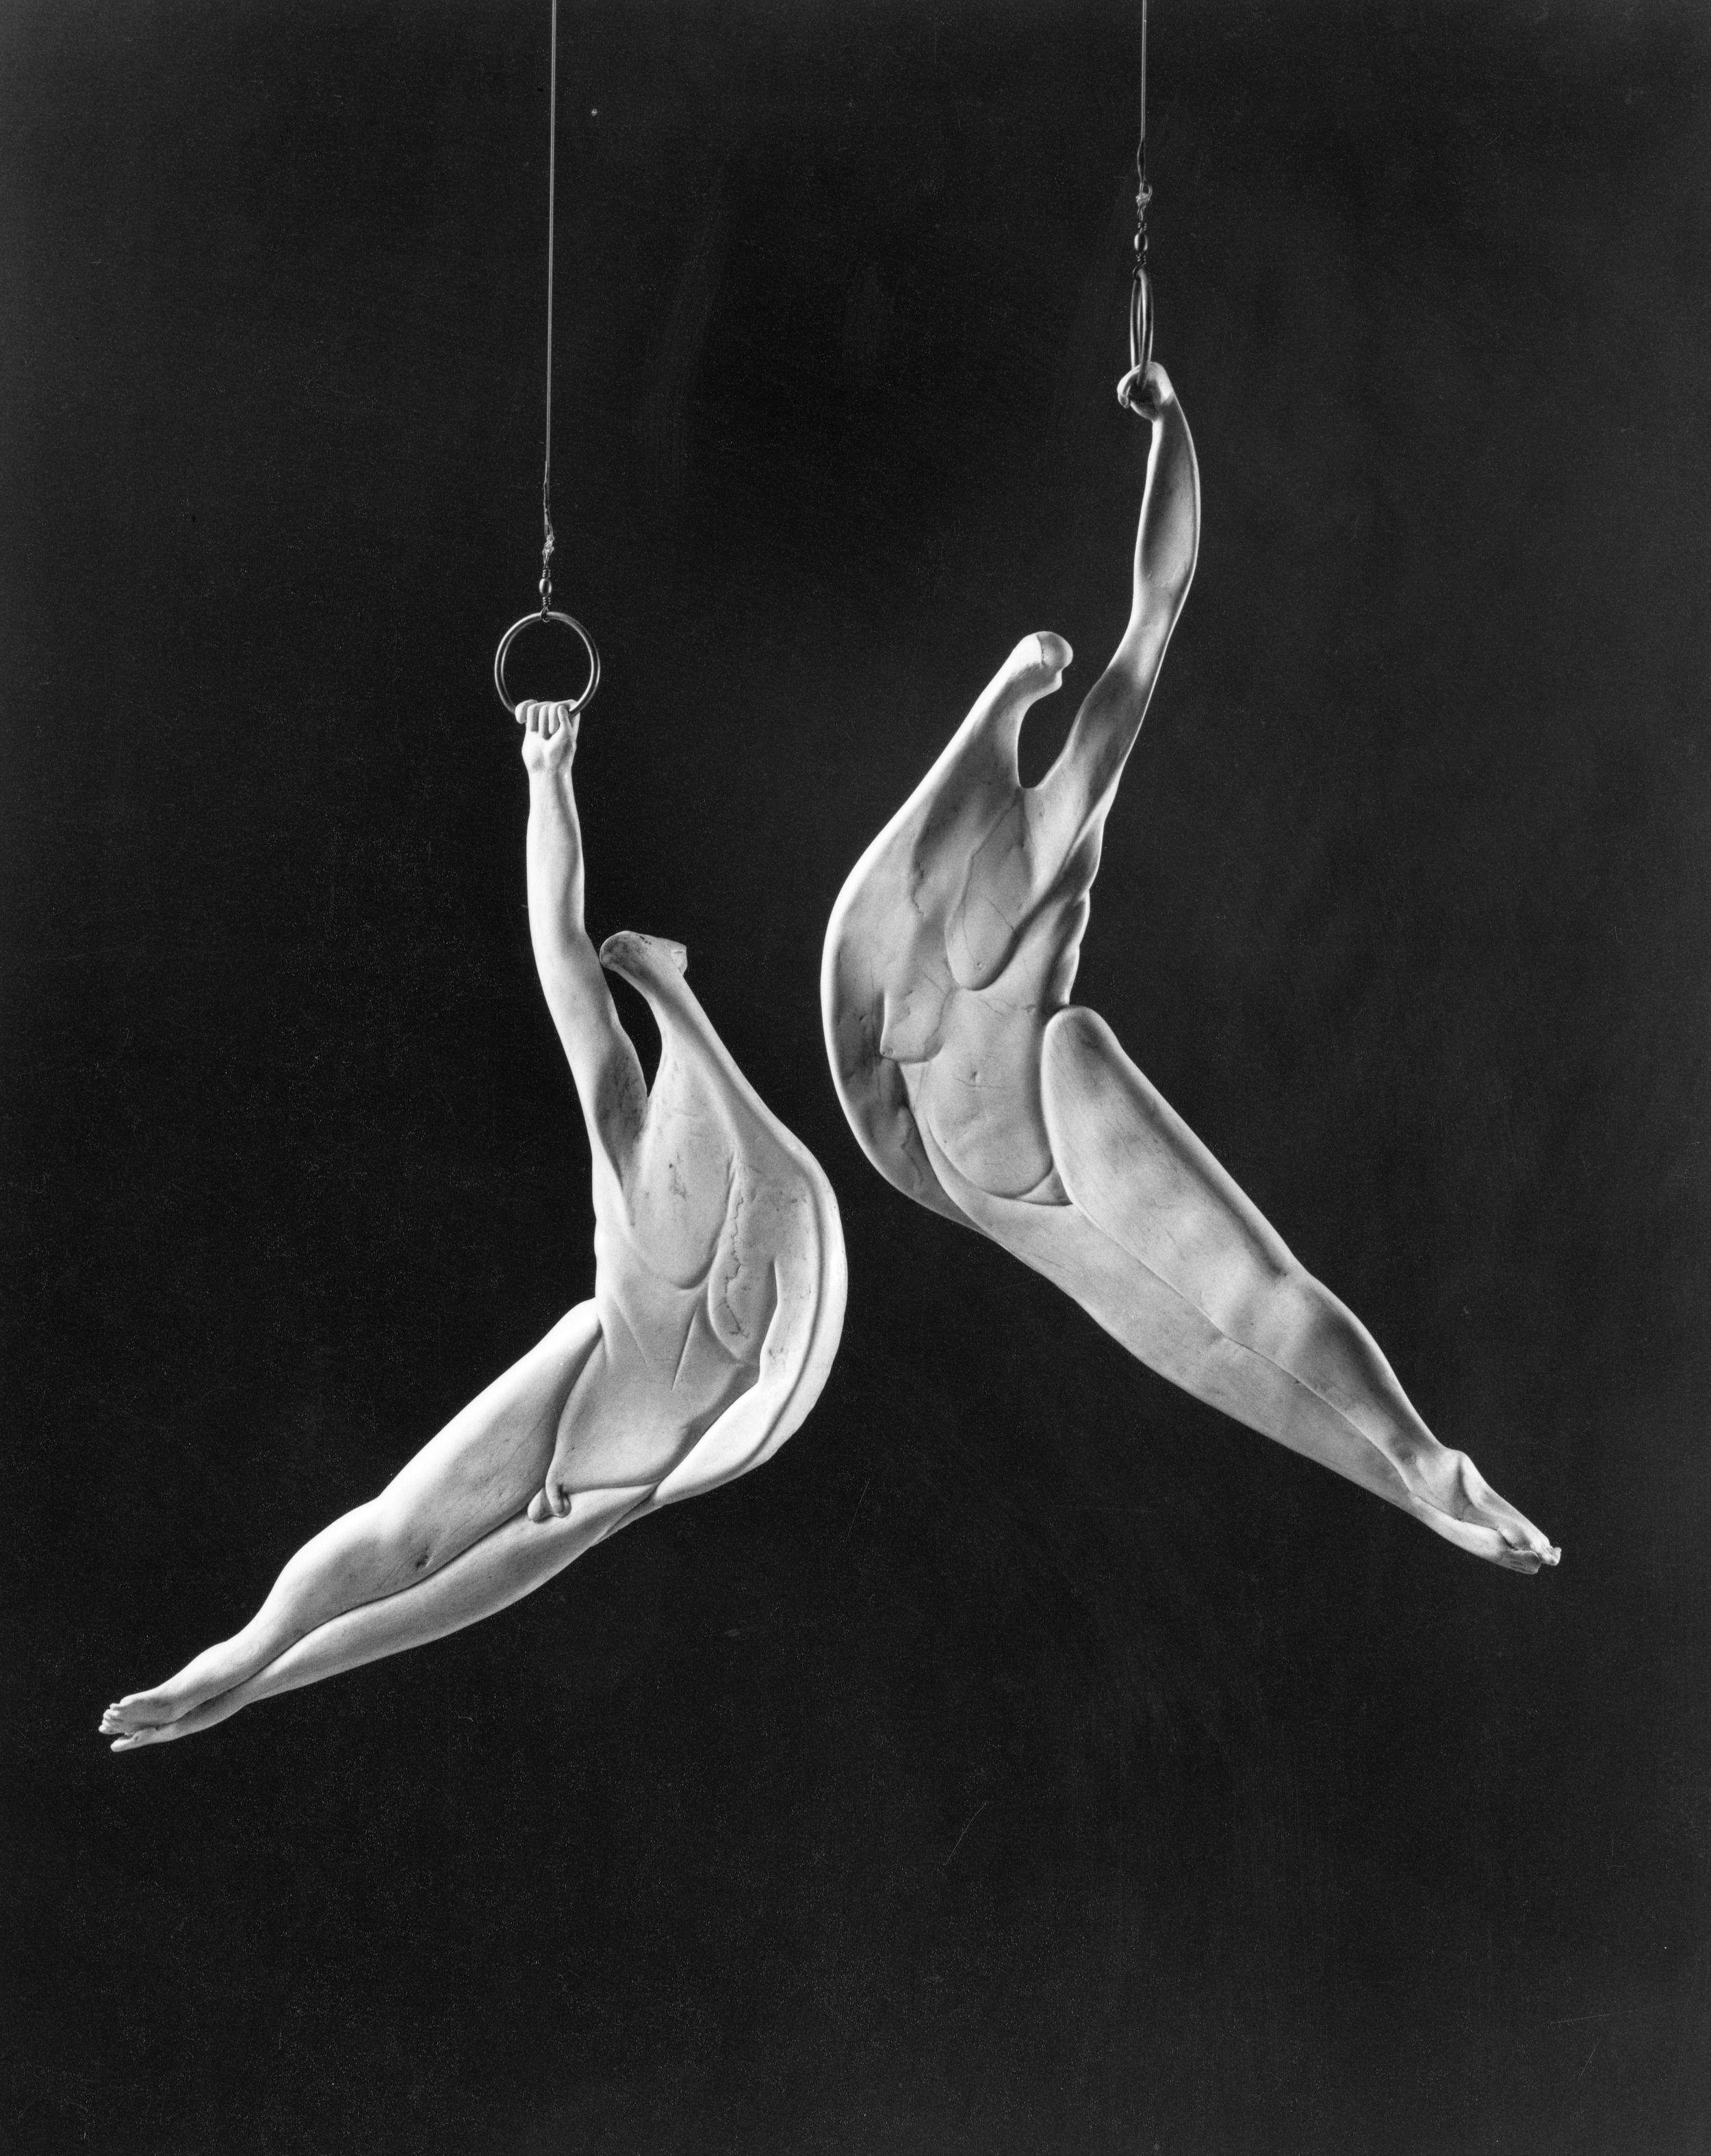 Acrobats II - Bone Sculpture by Jerry Hardin